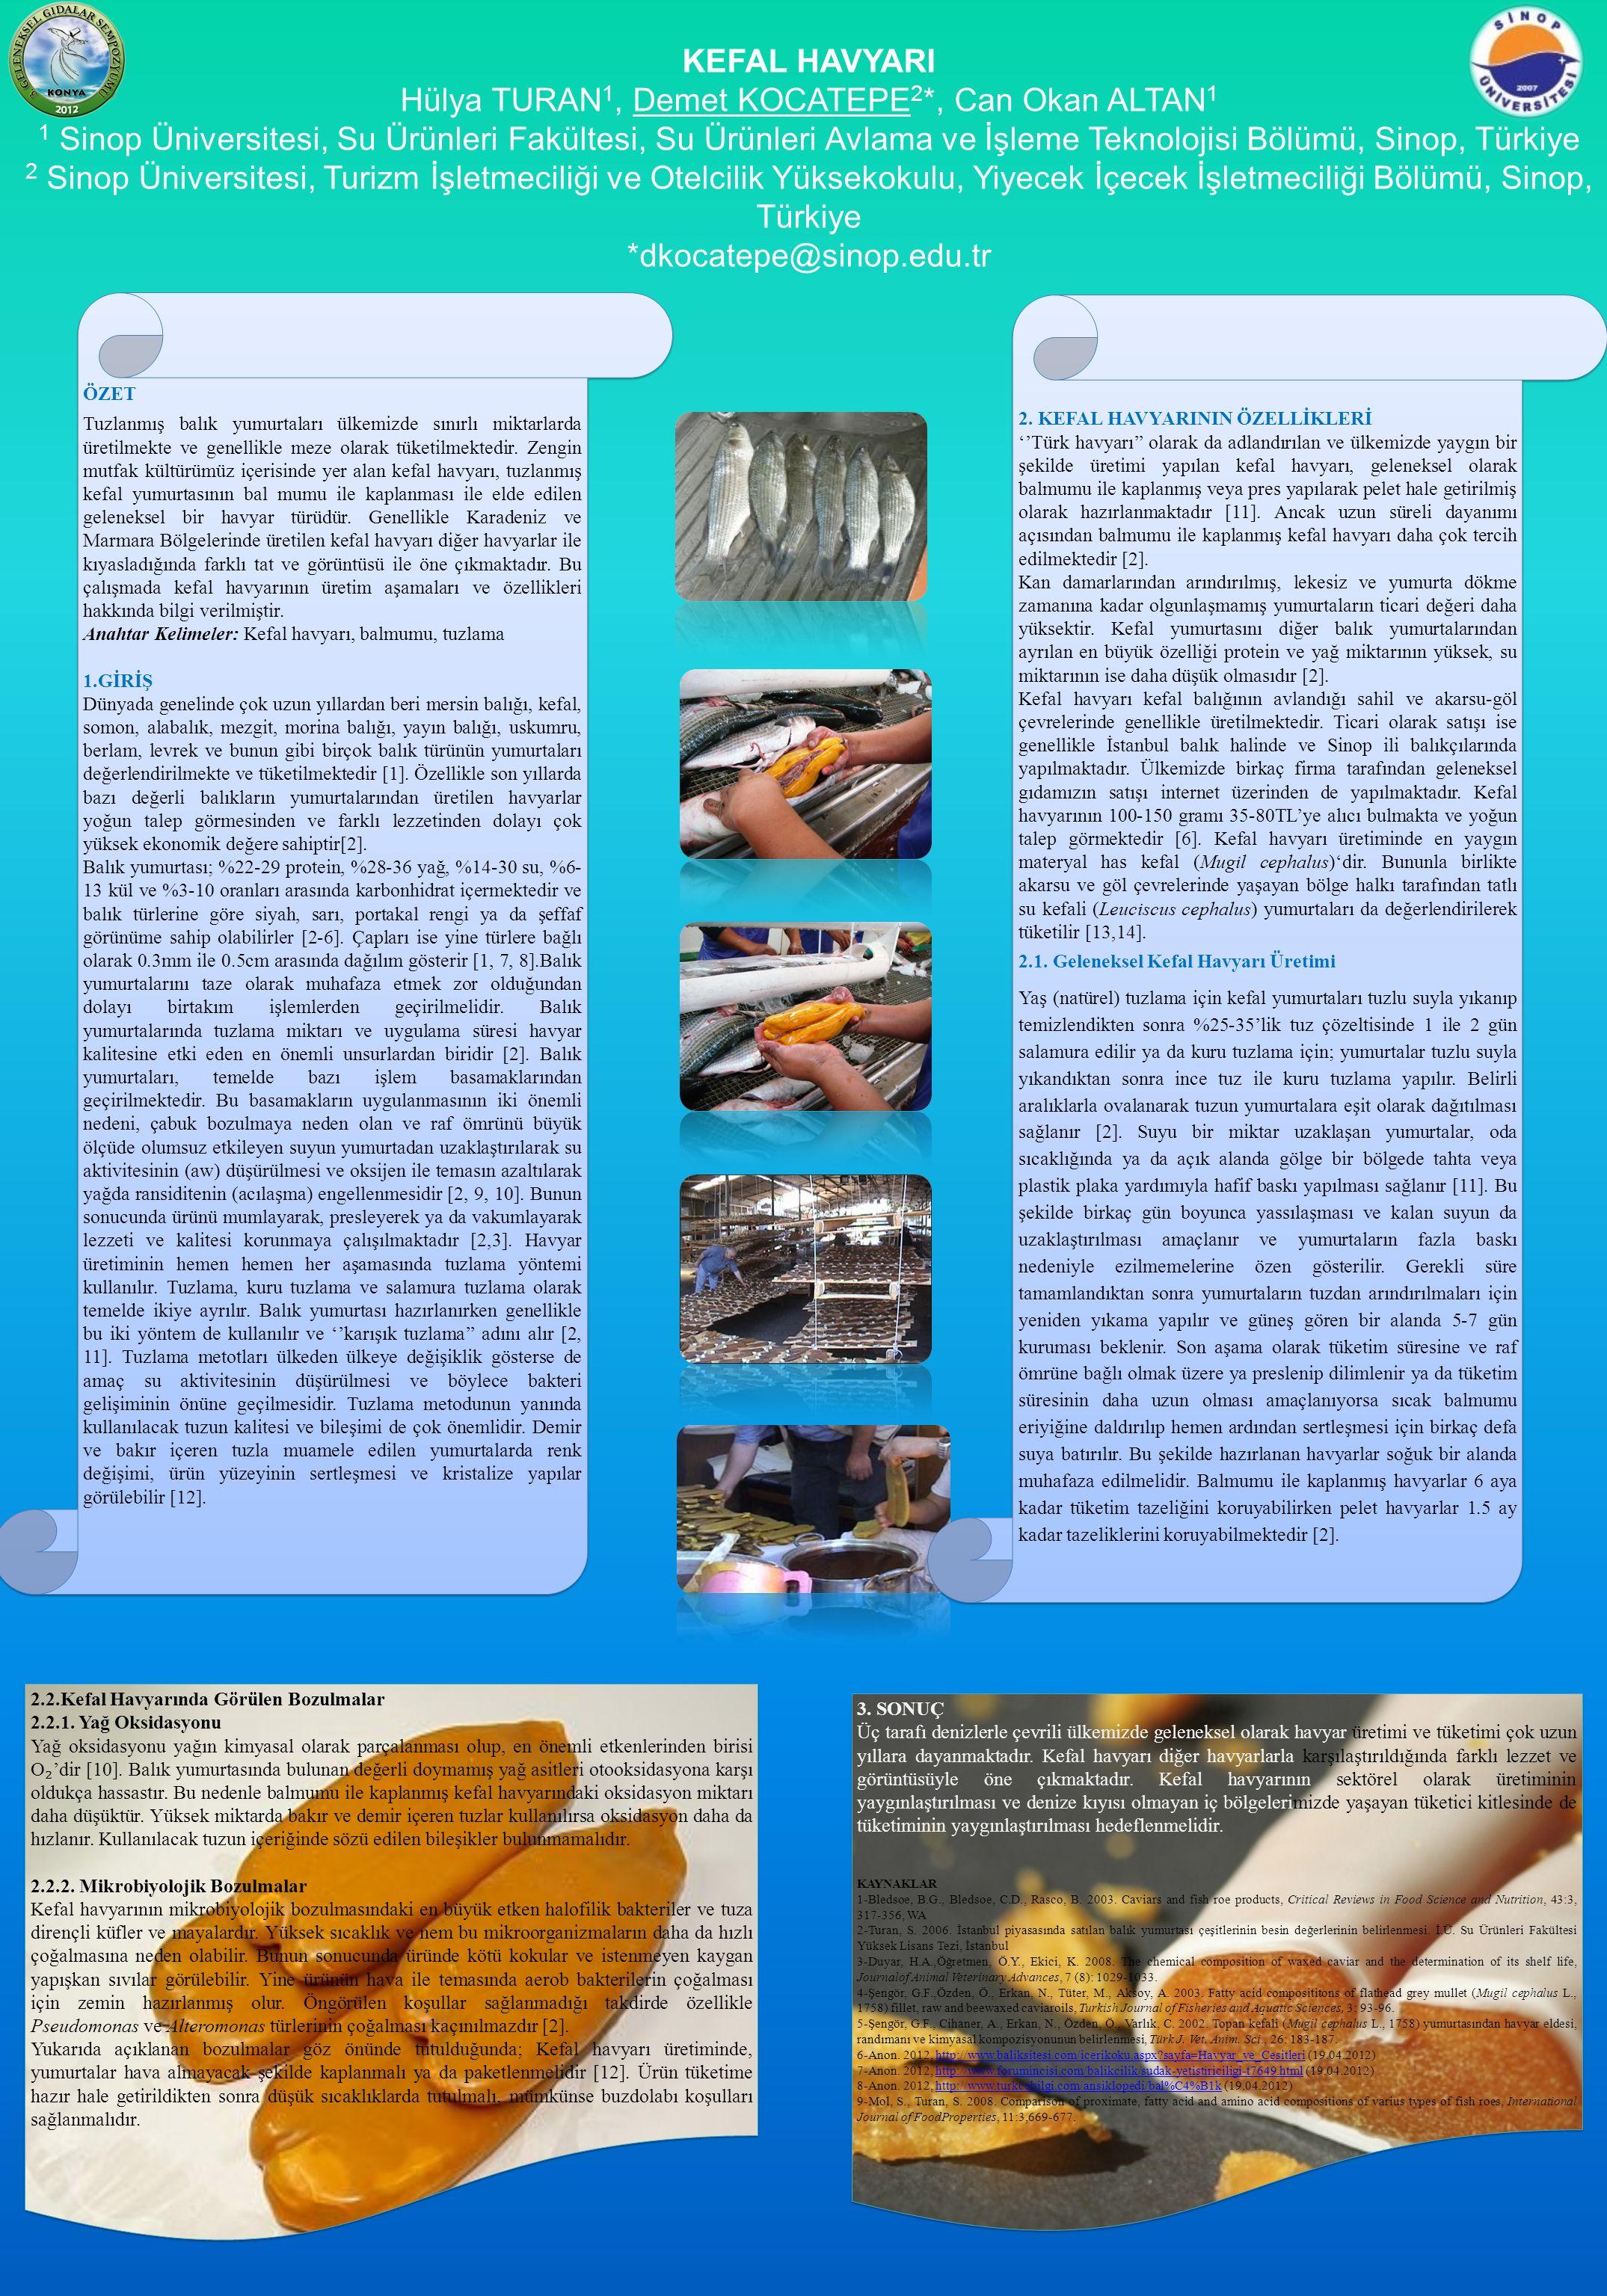 KEFAL HAVYARI Hülya TURAN 1, Demet KOCATEPE 2 *, Can Okan ALTAN 1 1 Sinop Üniversitesi, Su Ürünleri Fakültesi, Su Ürünleri Avlama ve İşleme Teknolojis